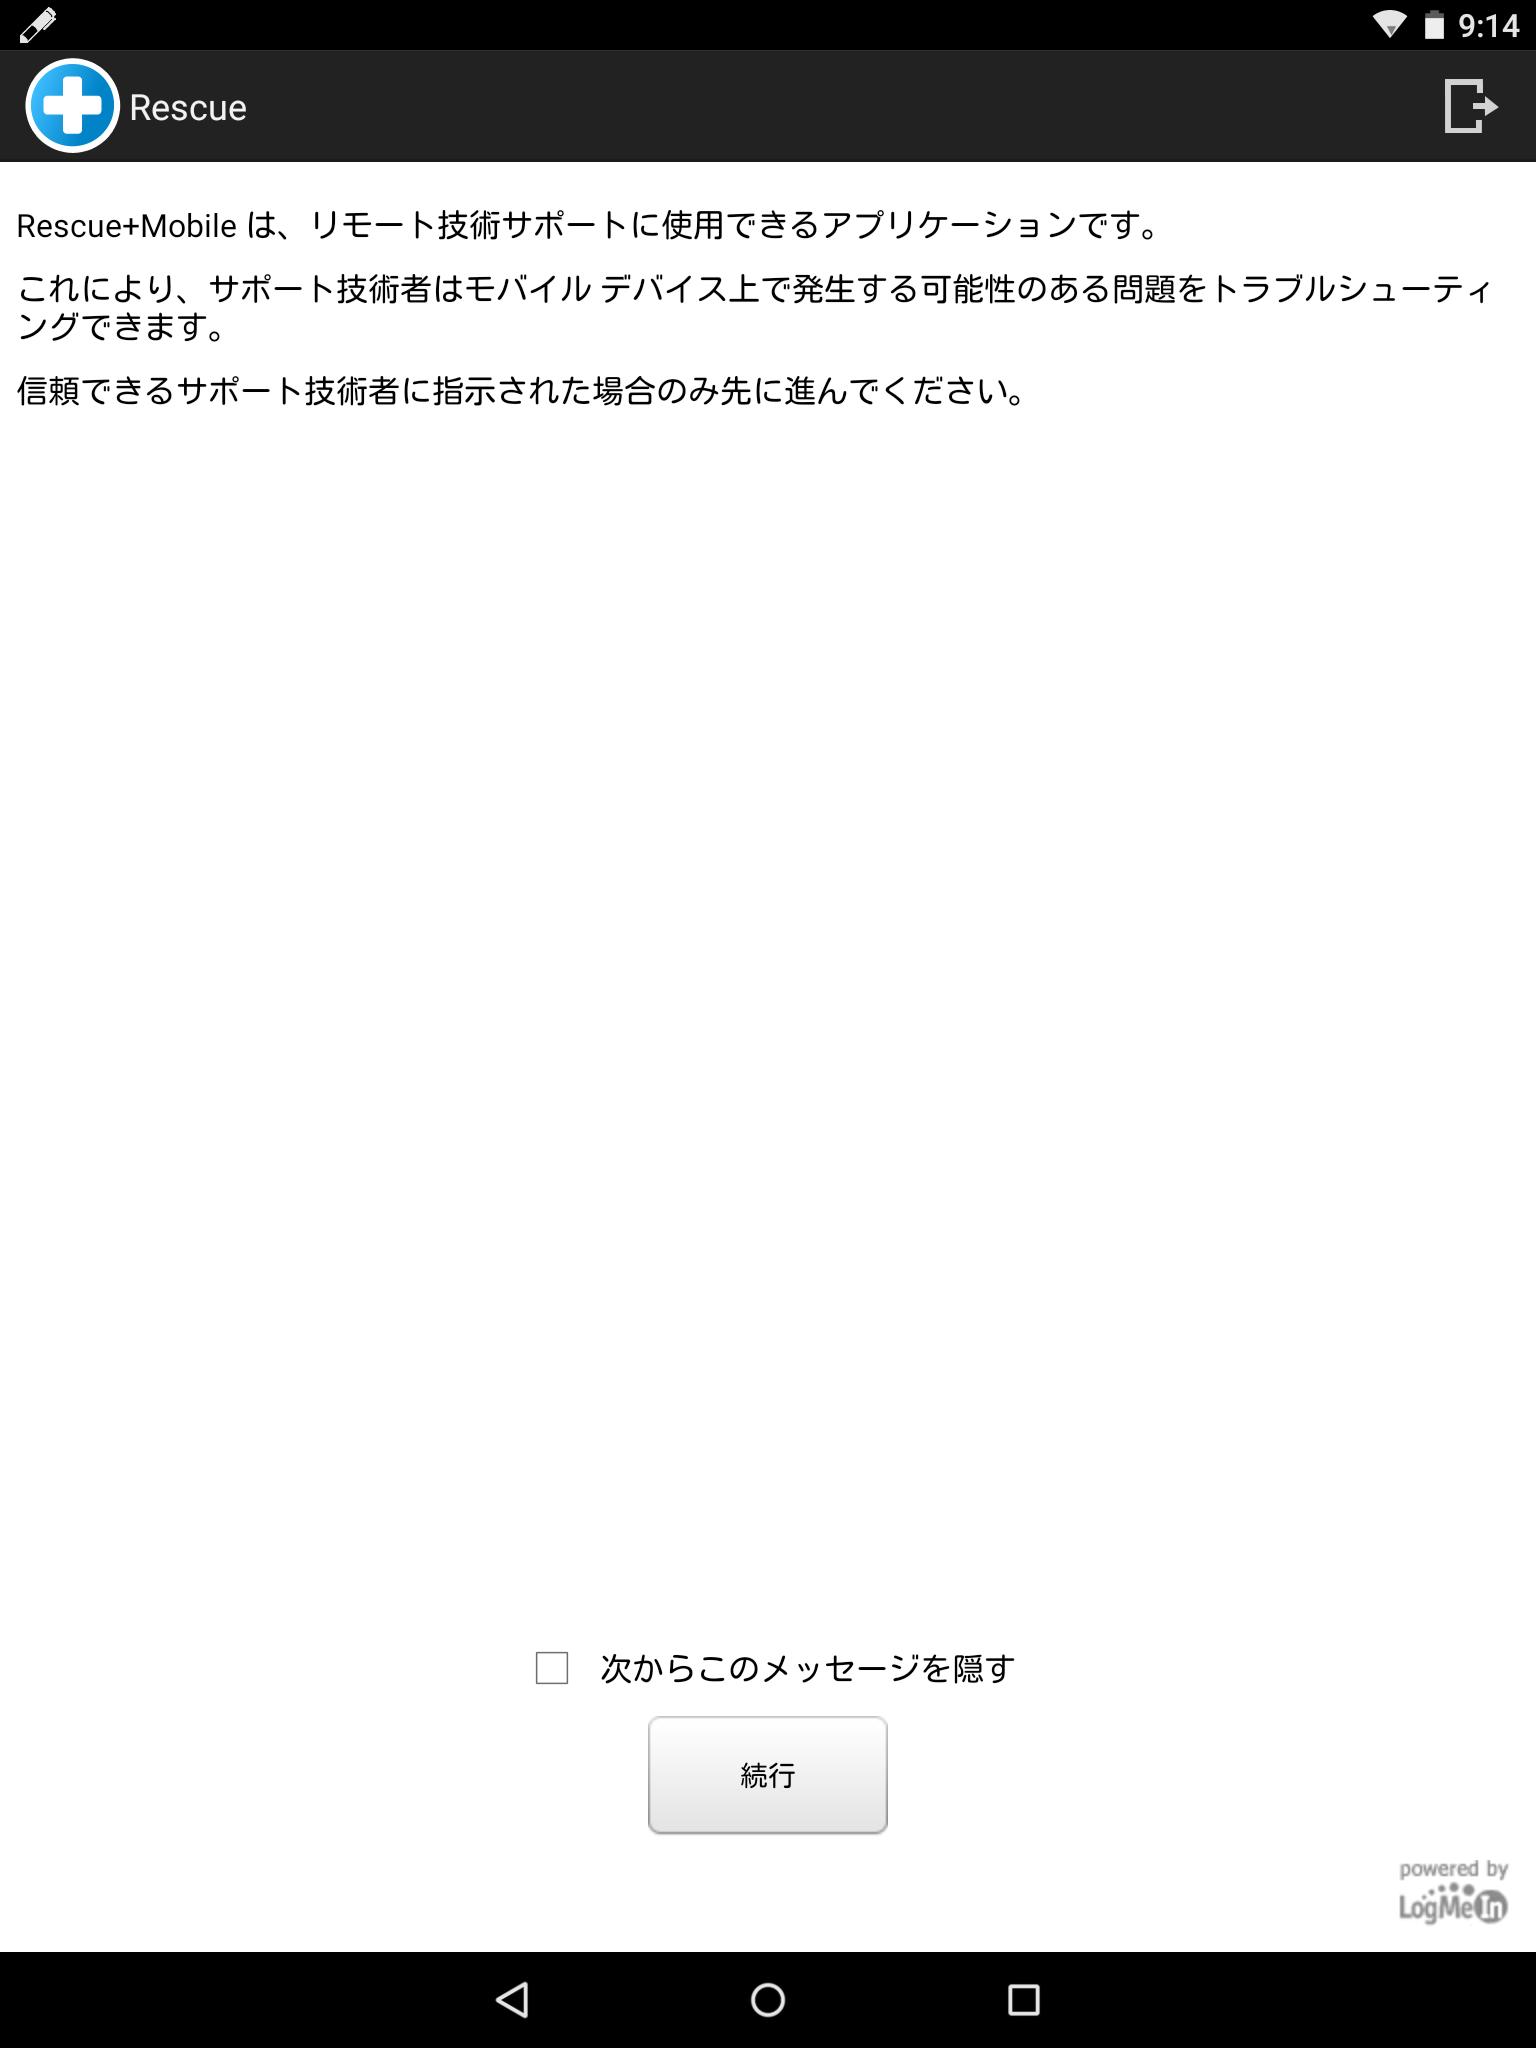 リモートサポートアプリ「Rescue」